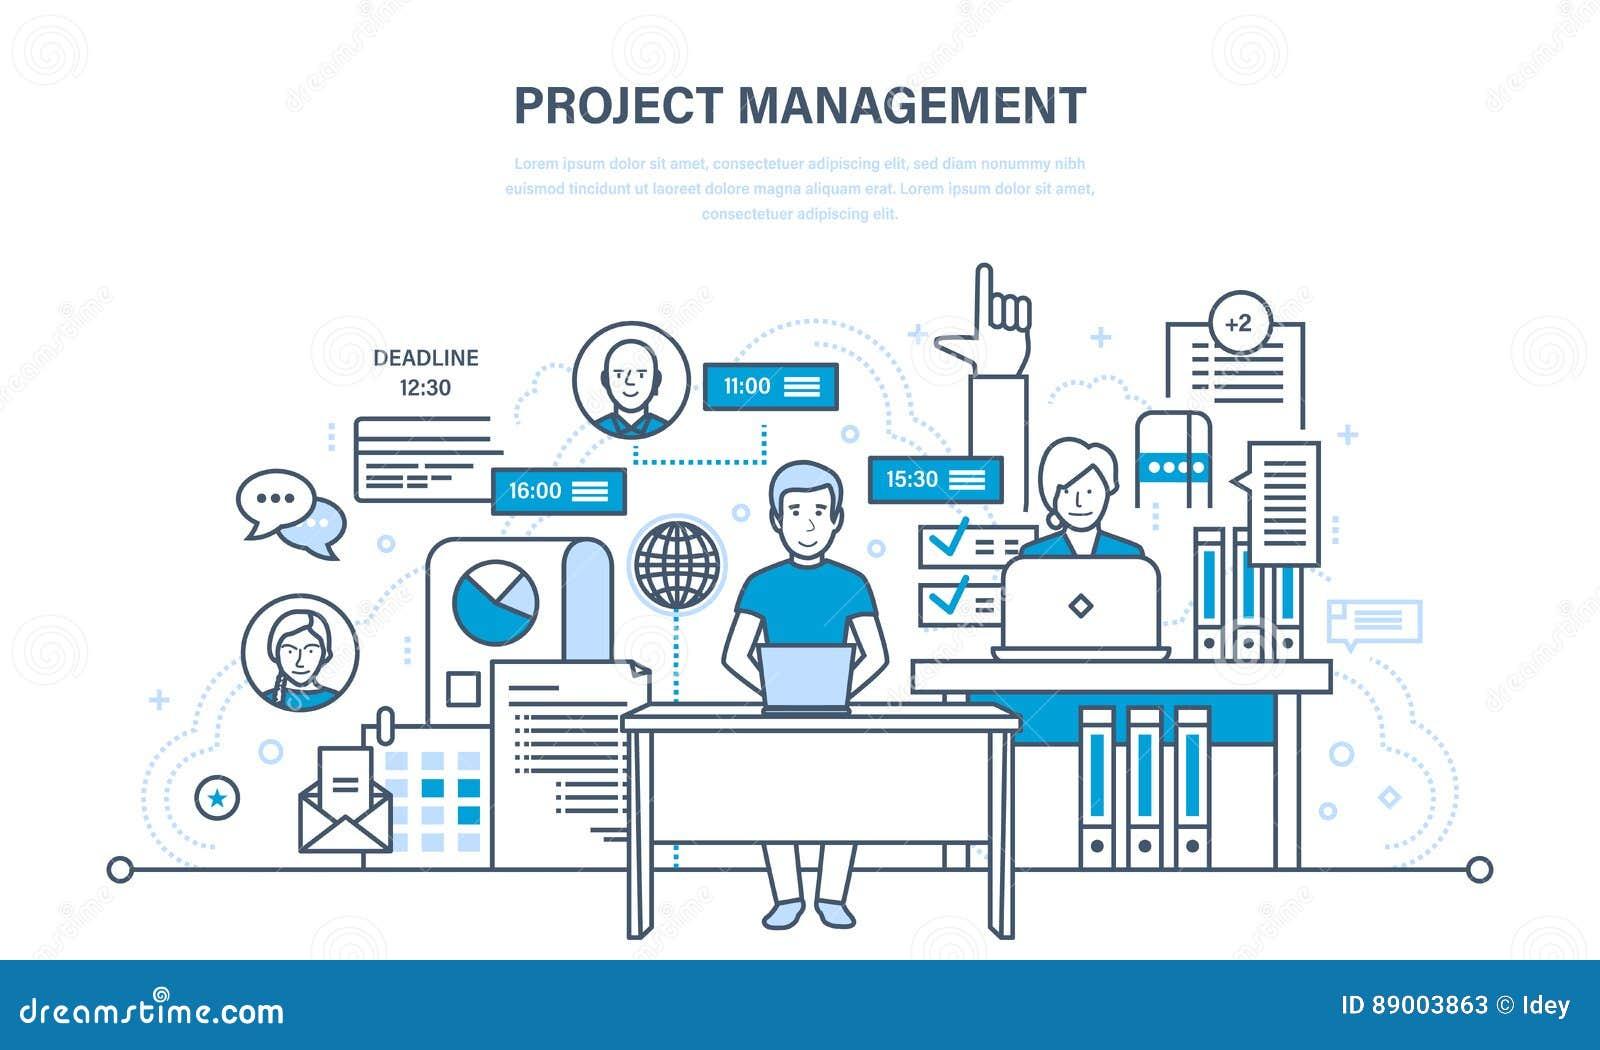 Organisation des Arbeitsprozesses, Zeit, Unternehmensplanung, Statistiken, Analyse, Teamwork